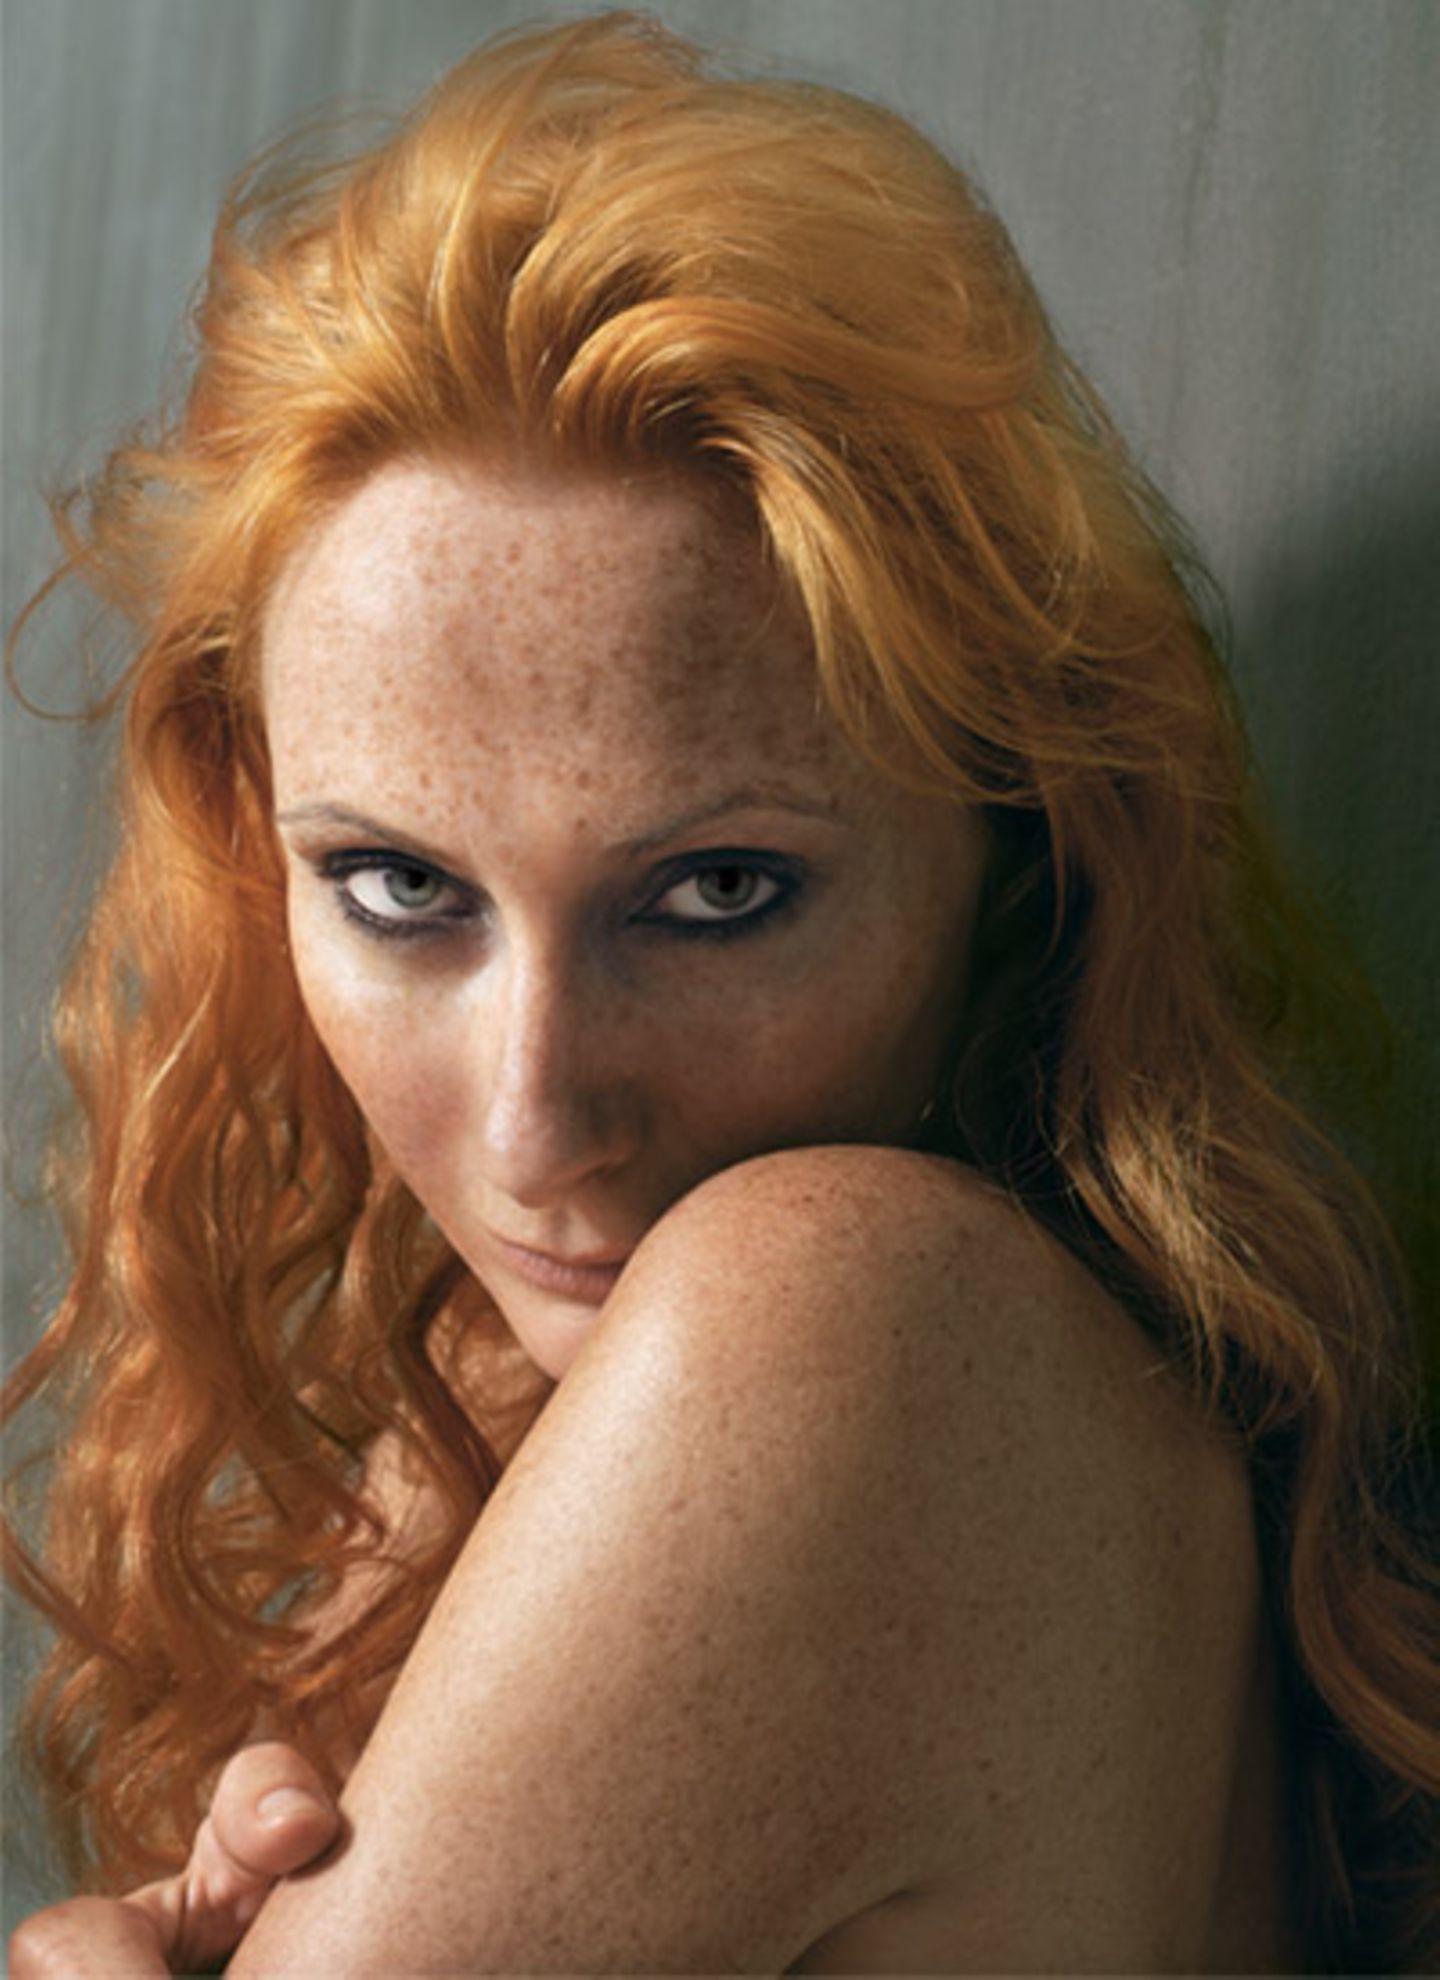 Andrea savatzki nackt